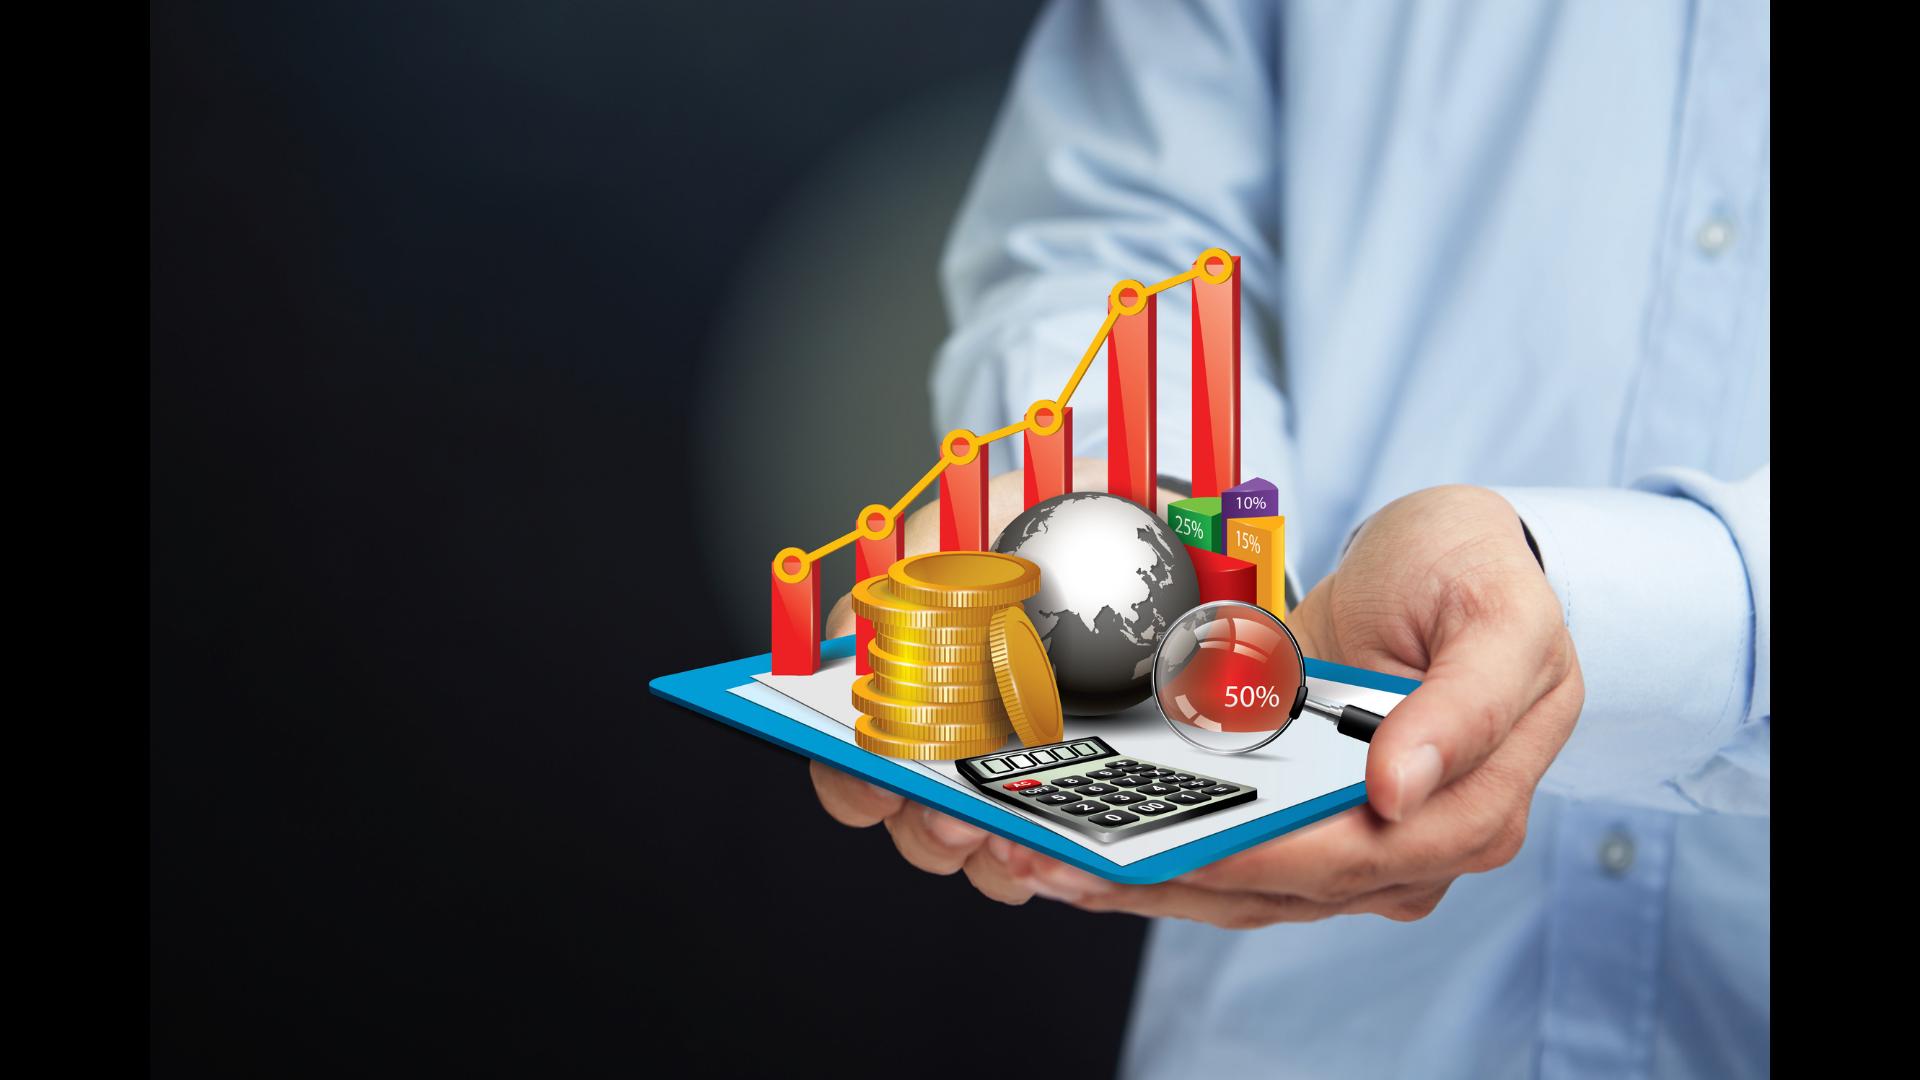 Ministério mantém previsão de crescimento da economia em 5,3% este ano